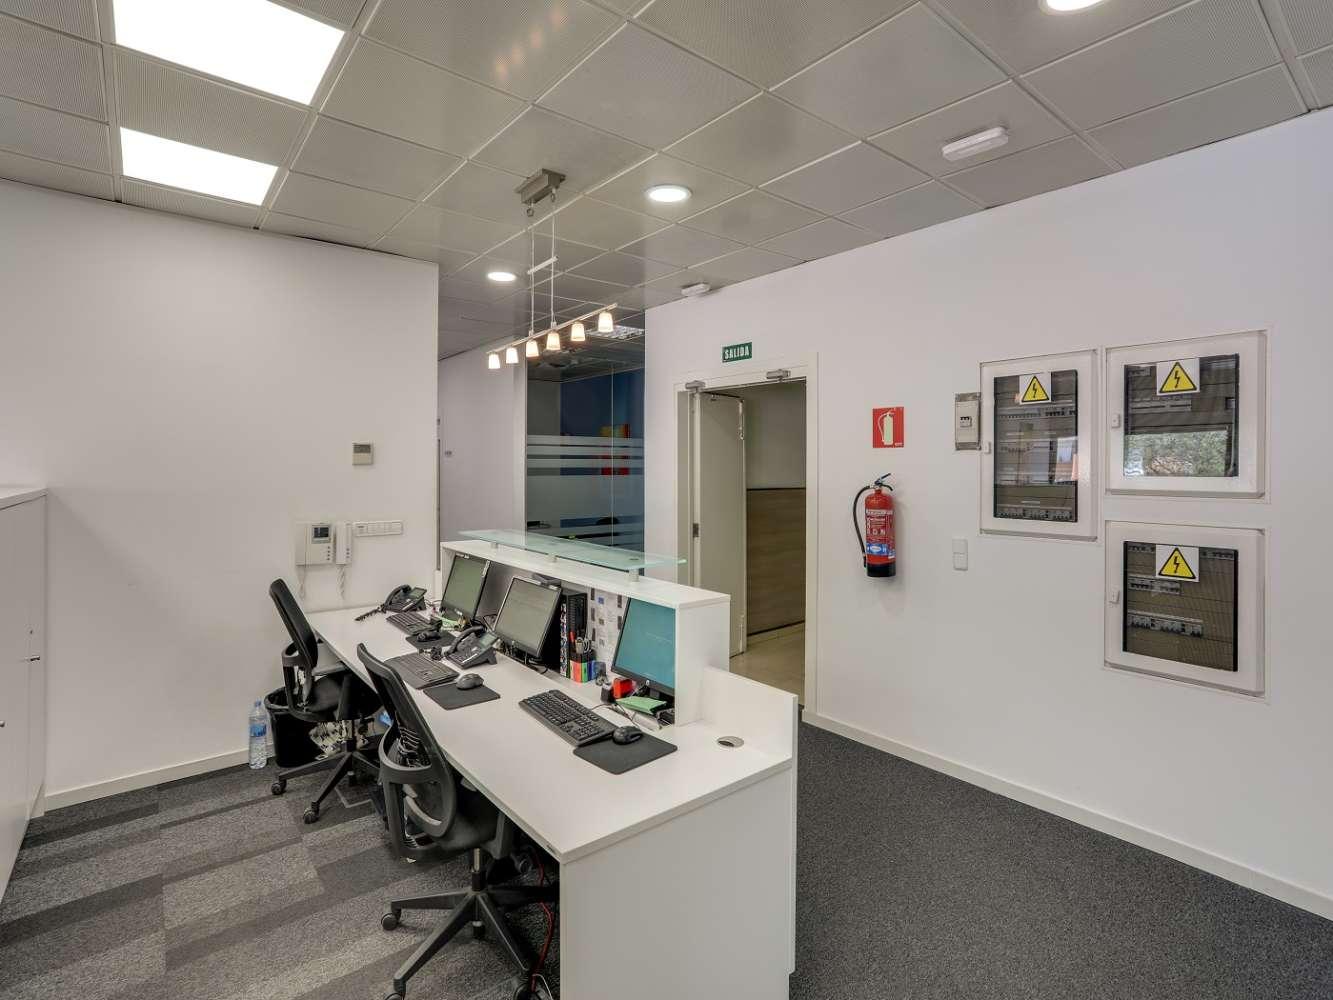 Oficina Las rozas de madrid, 28232 - Coworking - Las Rozas - 20140